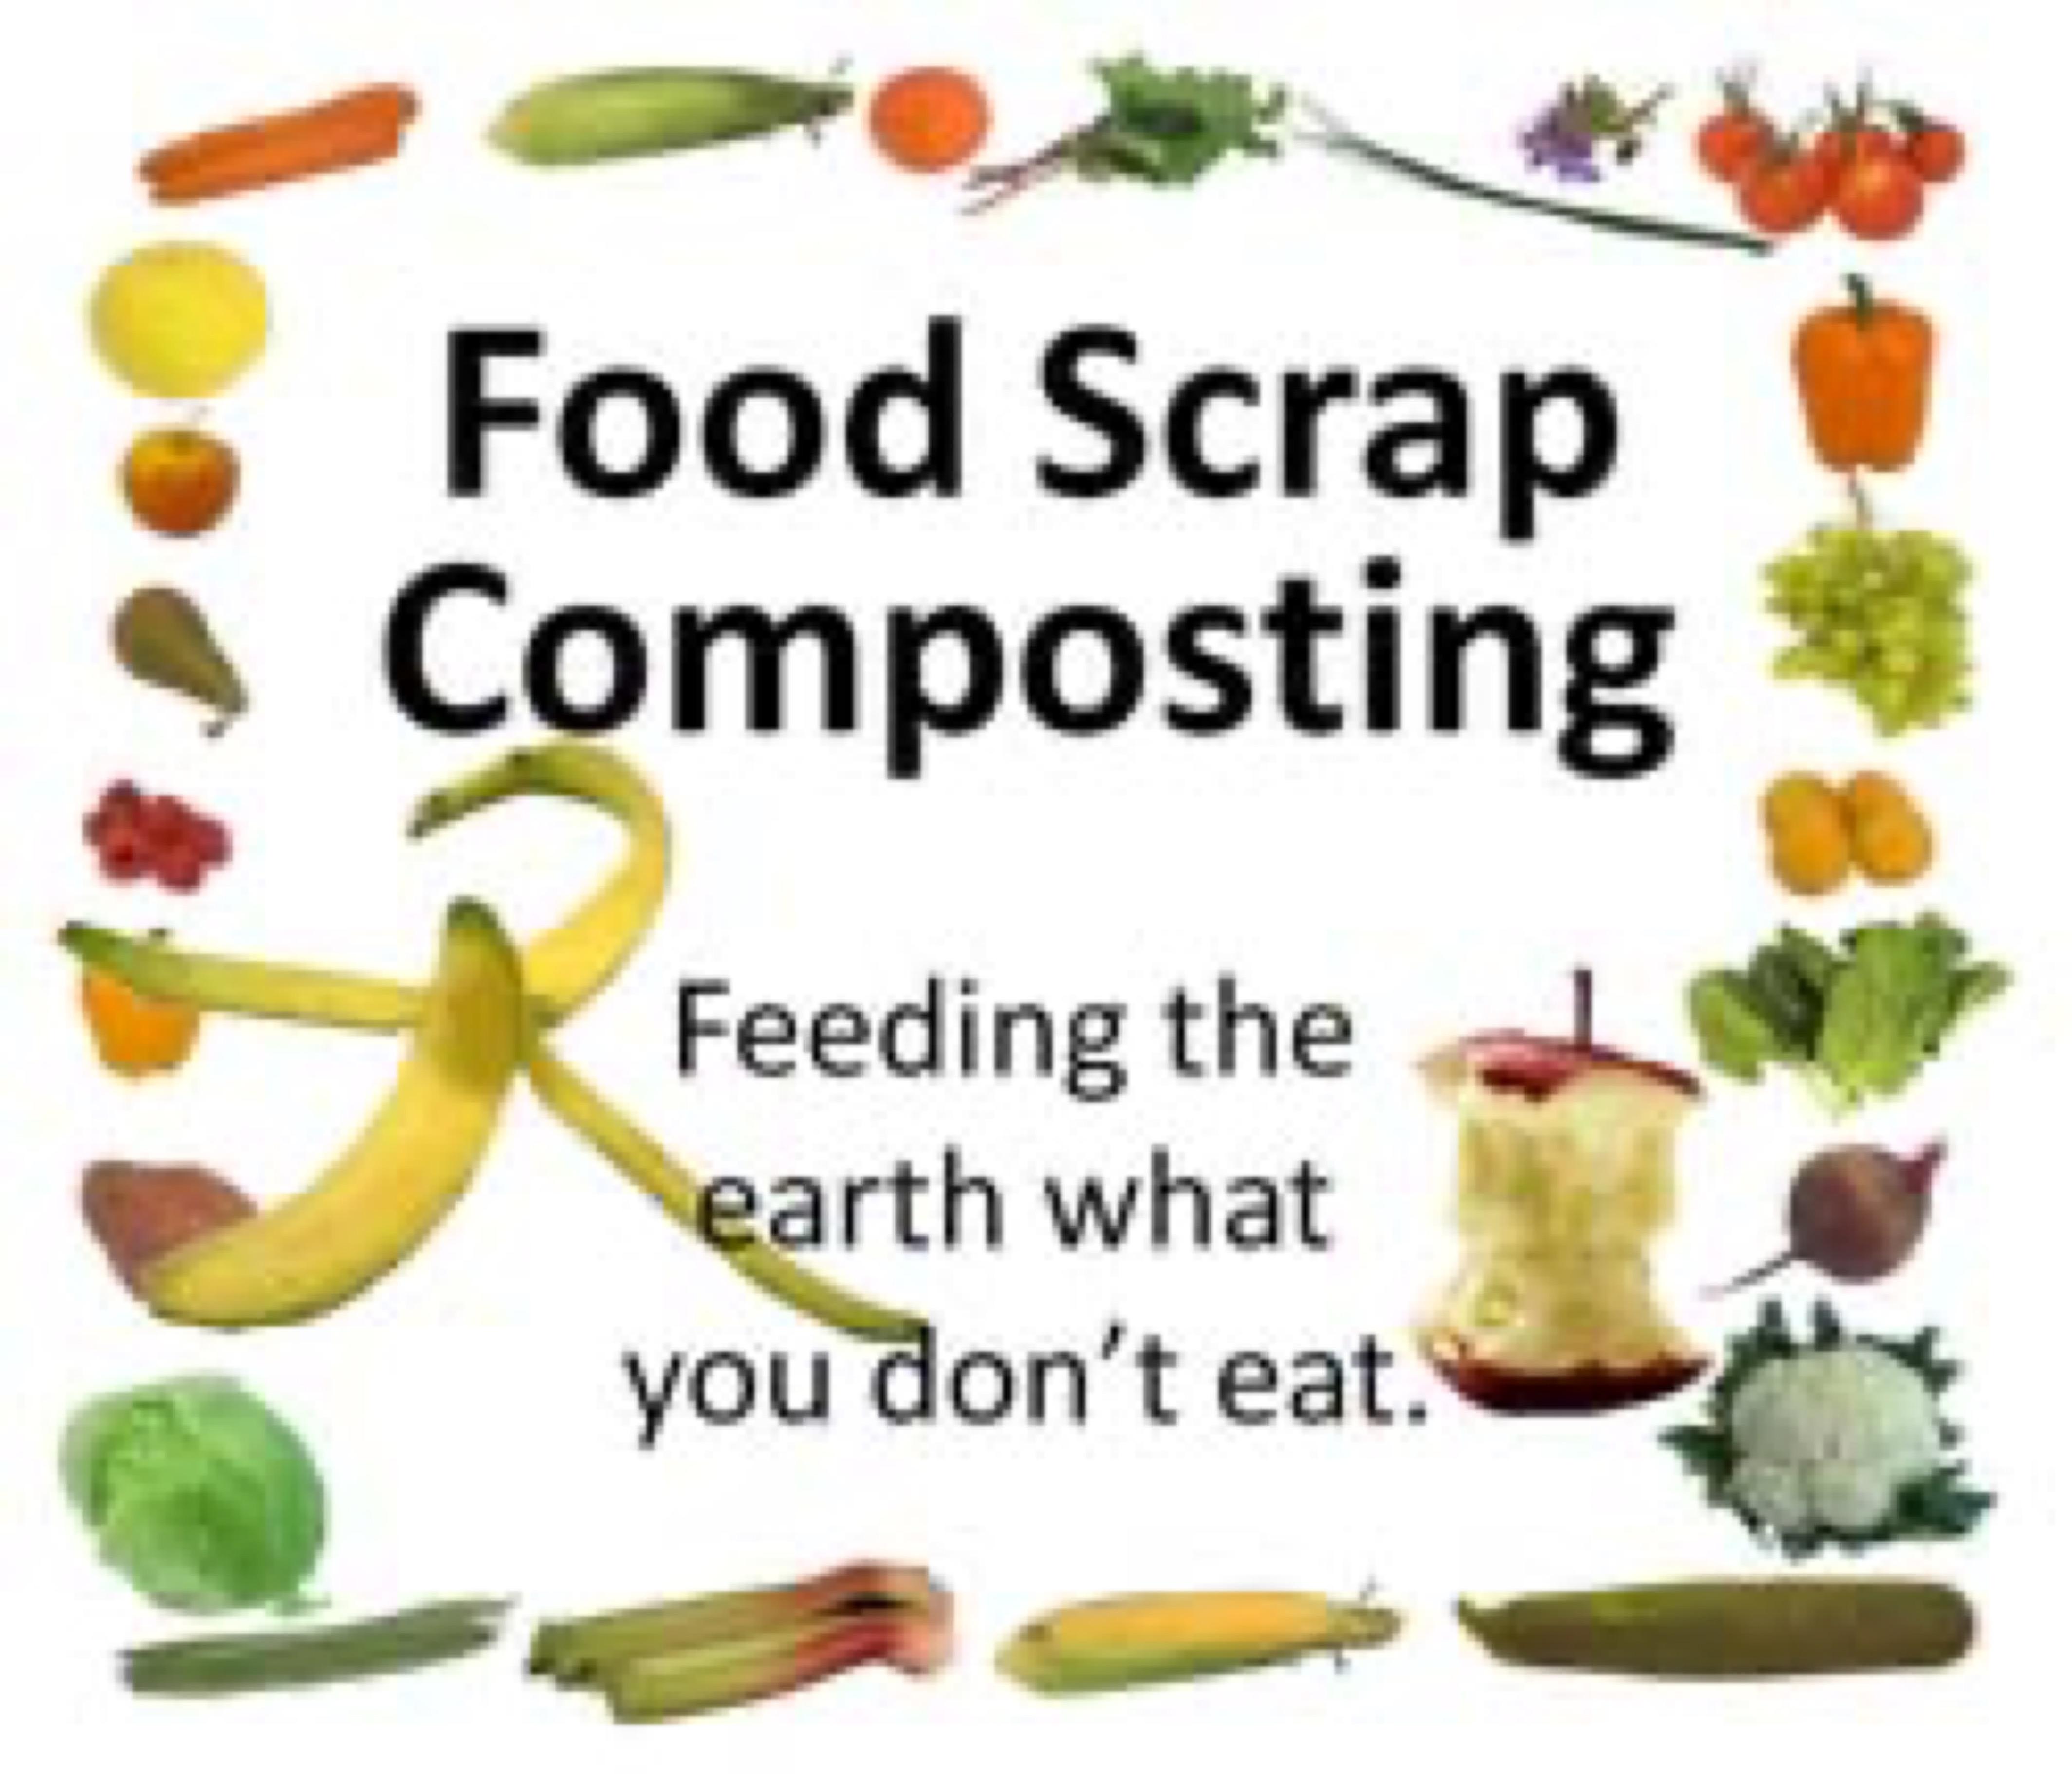 foodscrap composting (2)